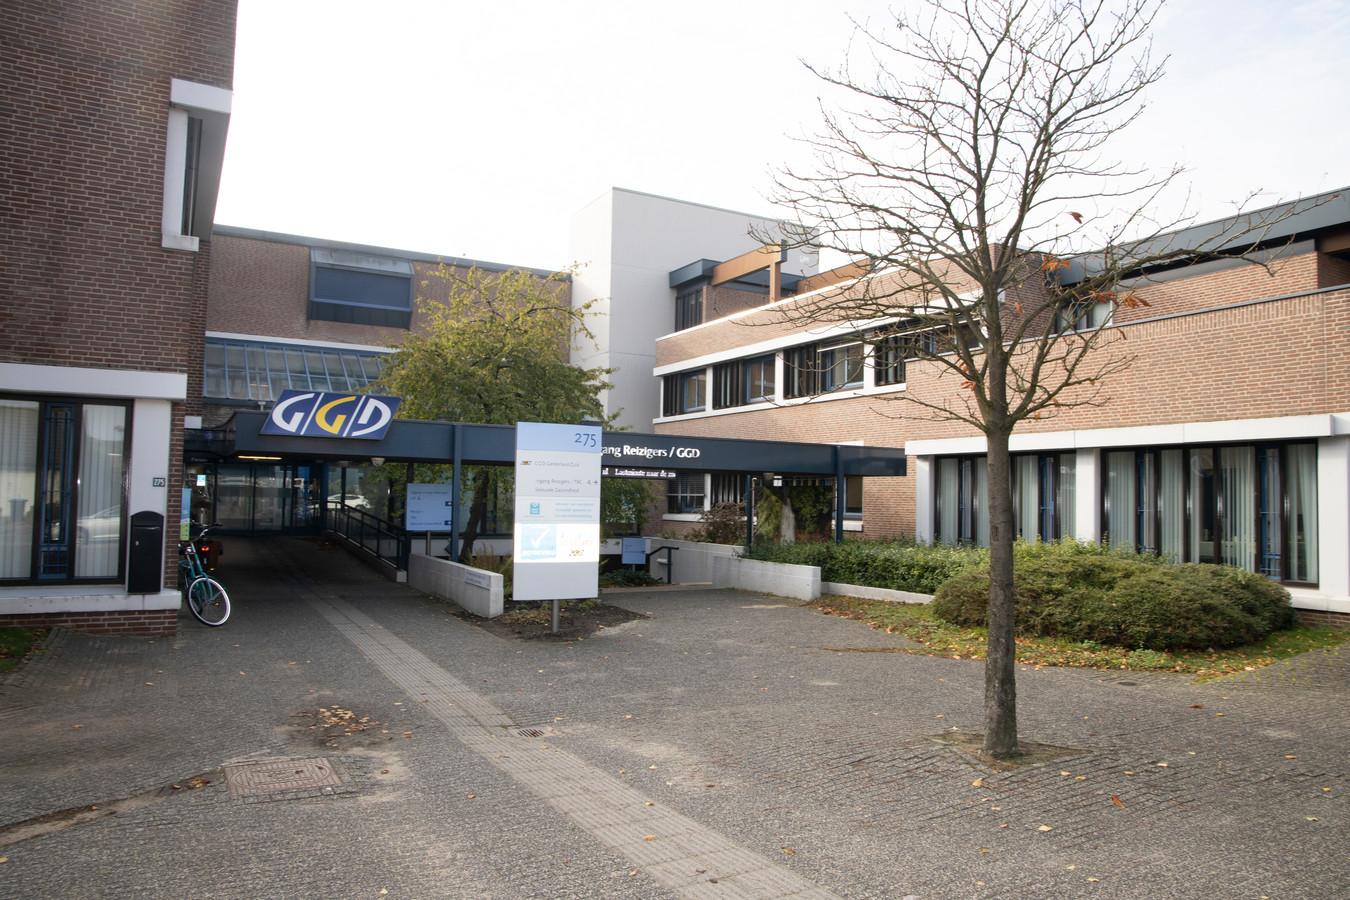 Het huidige GGD-gebouw, eigendom van de gemeente Nijmegen, wordt gesloopt. De gemeente moet 1,8  miljoen euro afboeken.